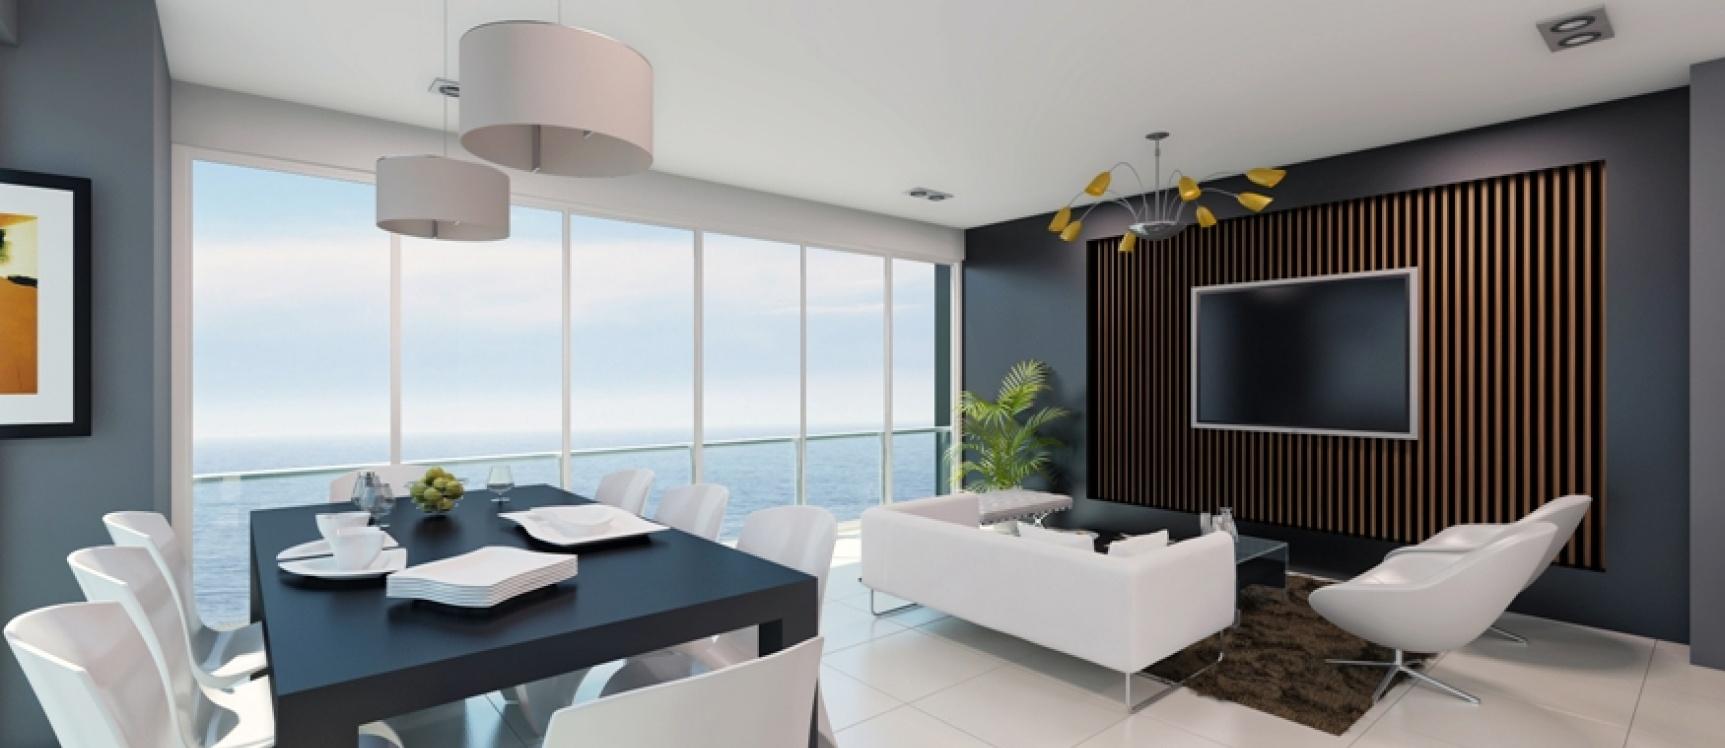 GeoBienes - Departamento de 2 dormitorios frente al mar - Plusvalia Guayaquil Casas de venta y alquiler Inmobiliaria Ecuador